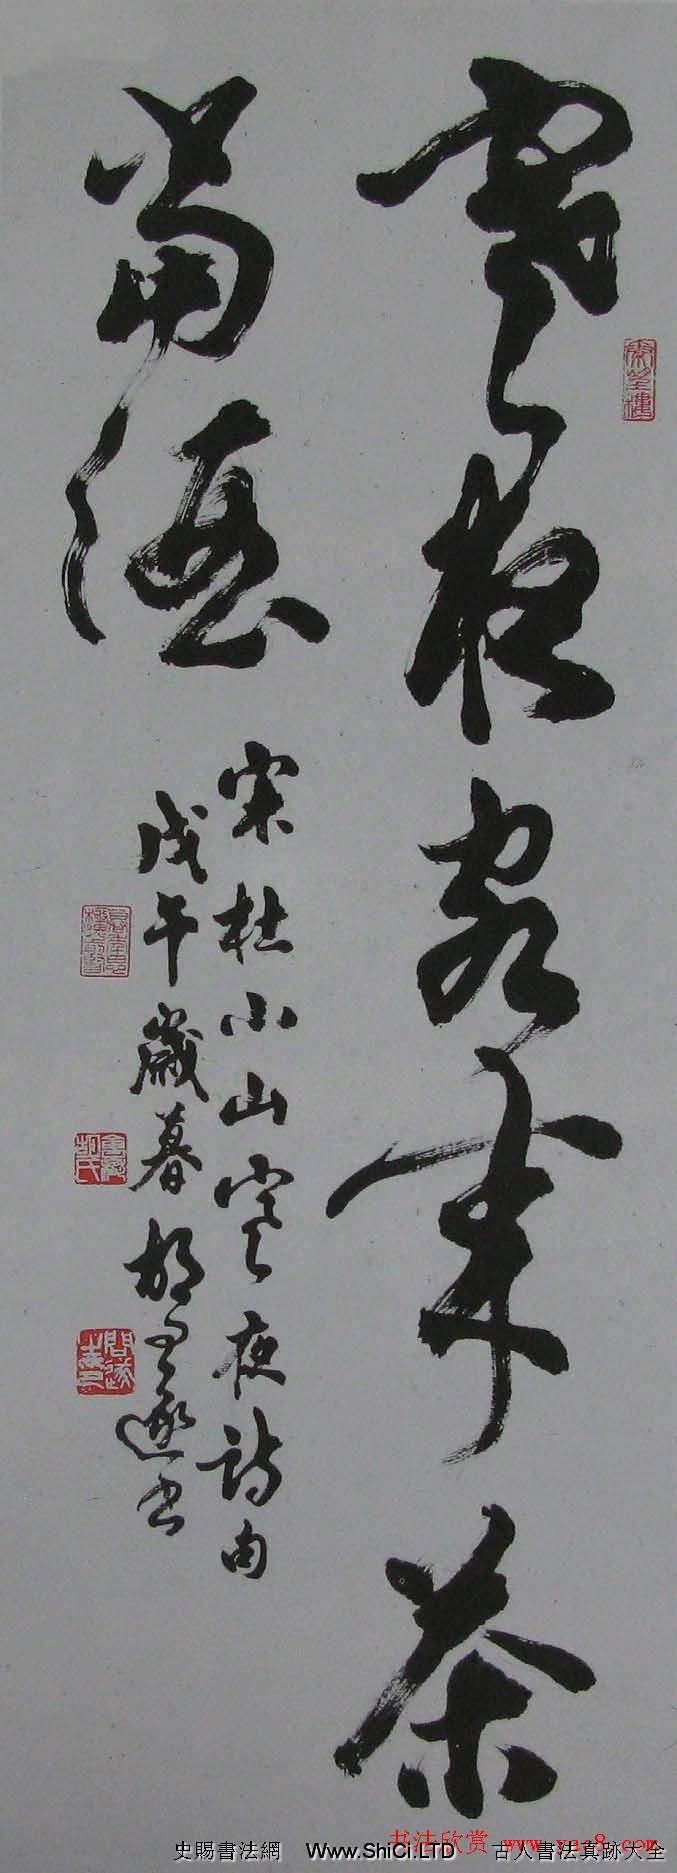 胡問遂書法作品網絡展示專輯